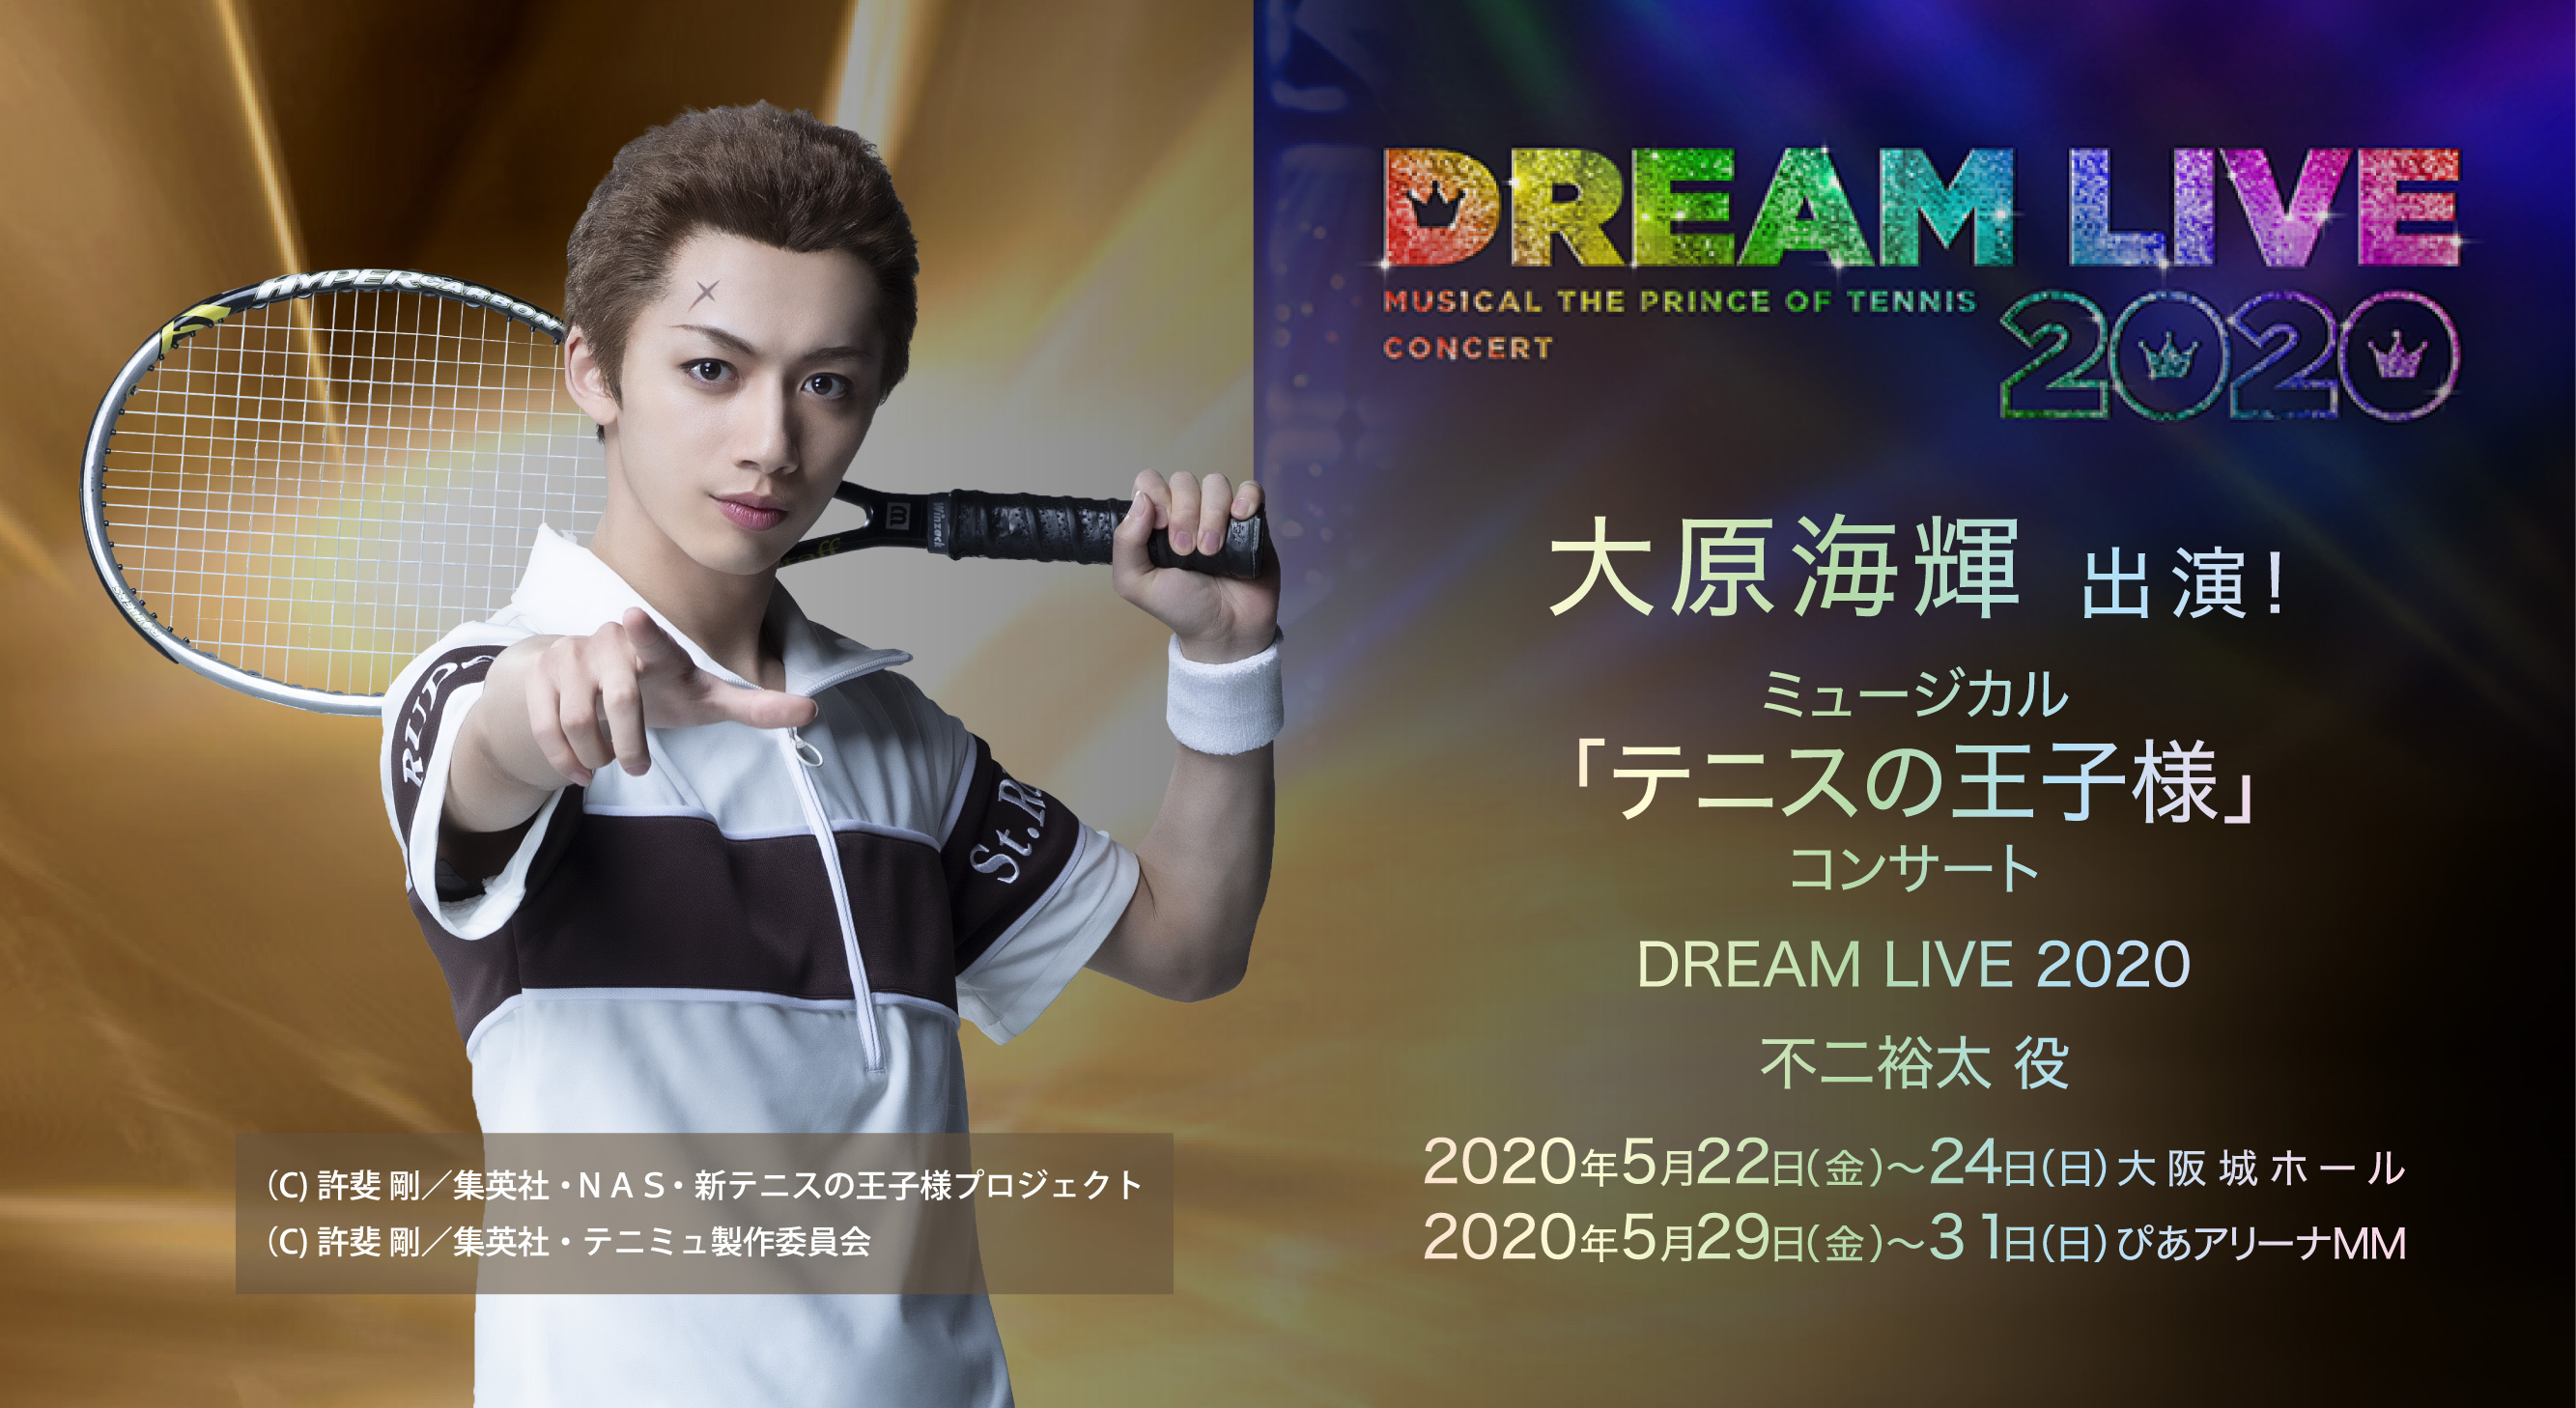 大原海輝 ミュージカル「テニスの王子様」コンサート